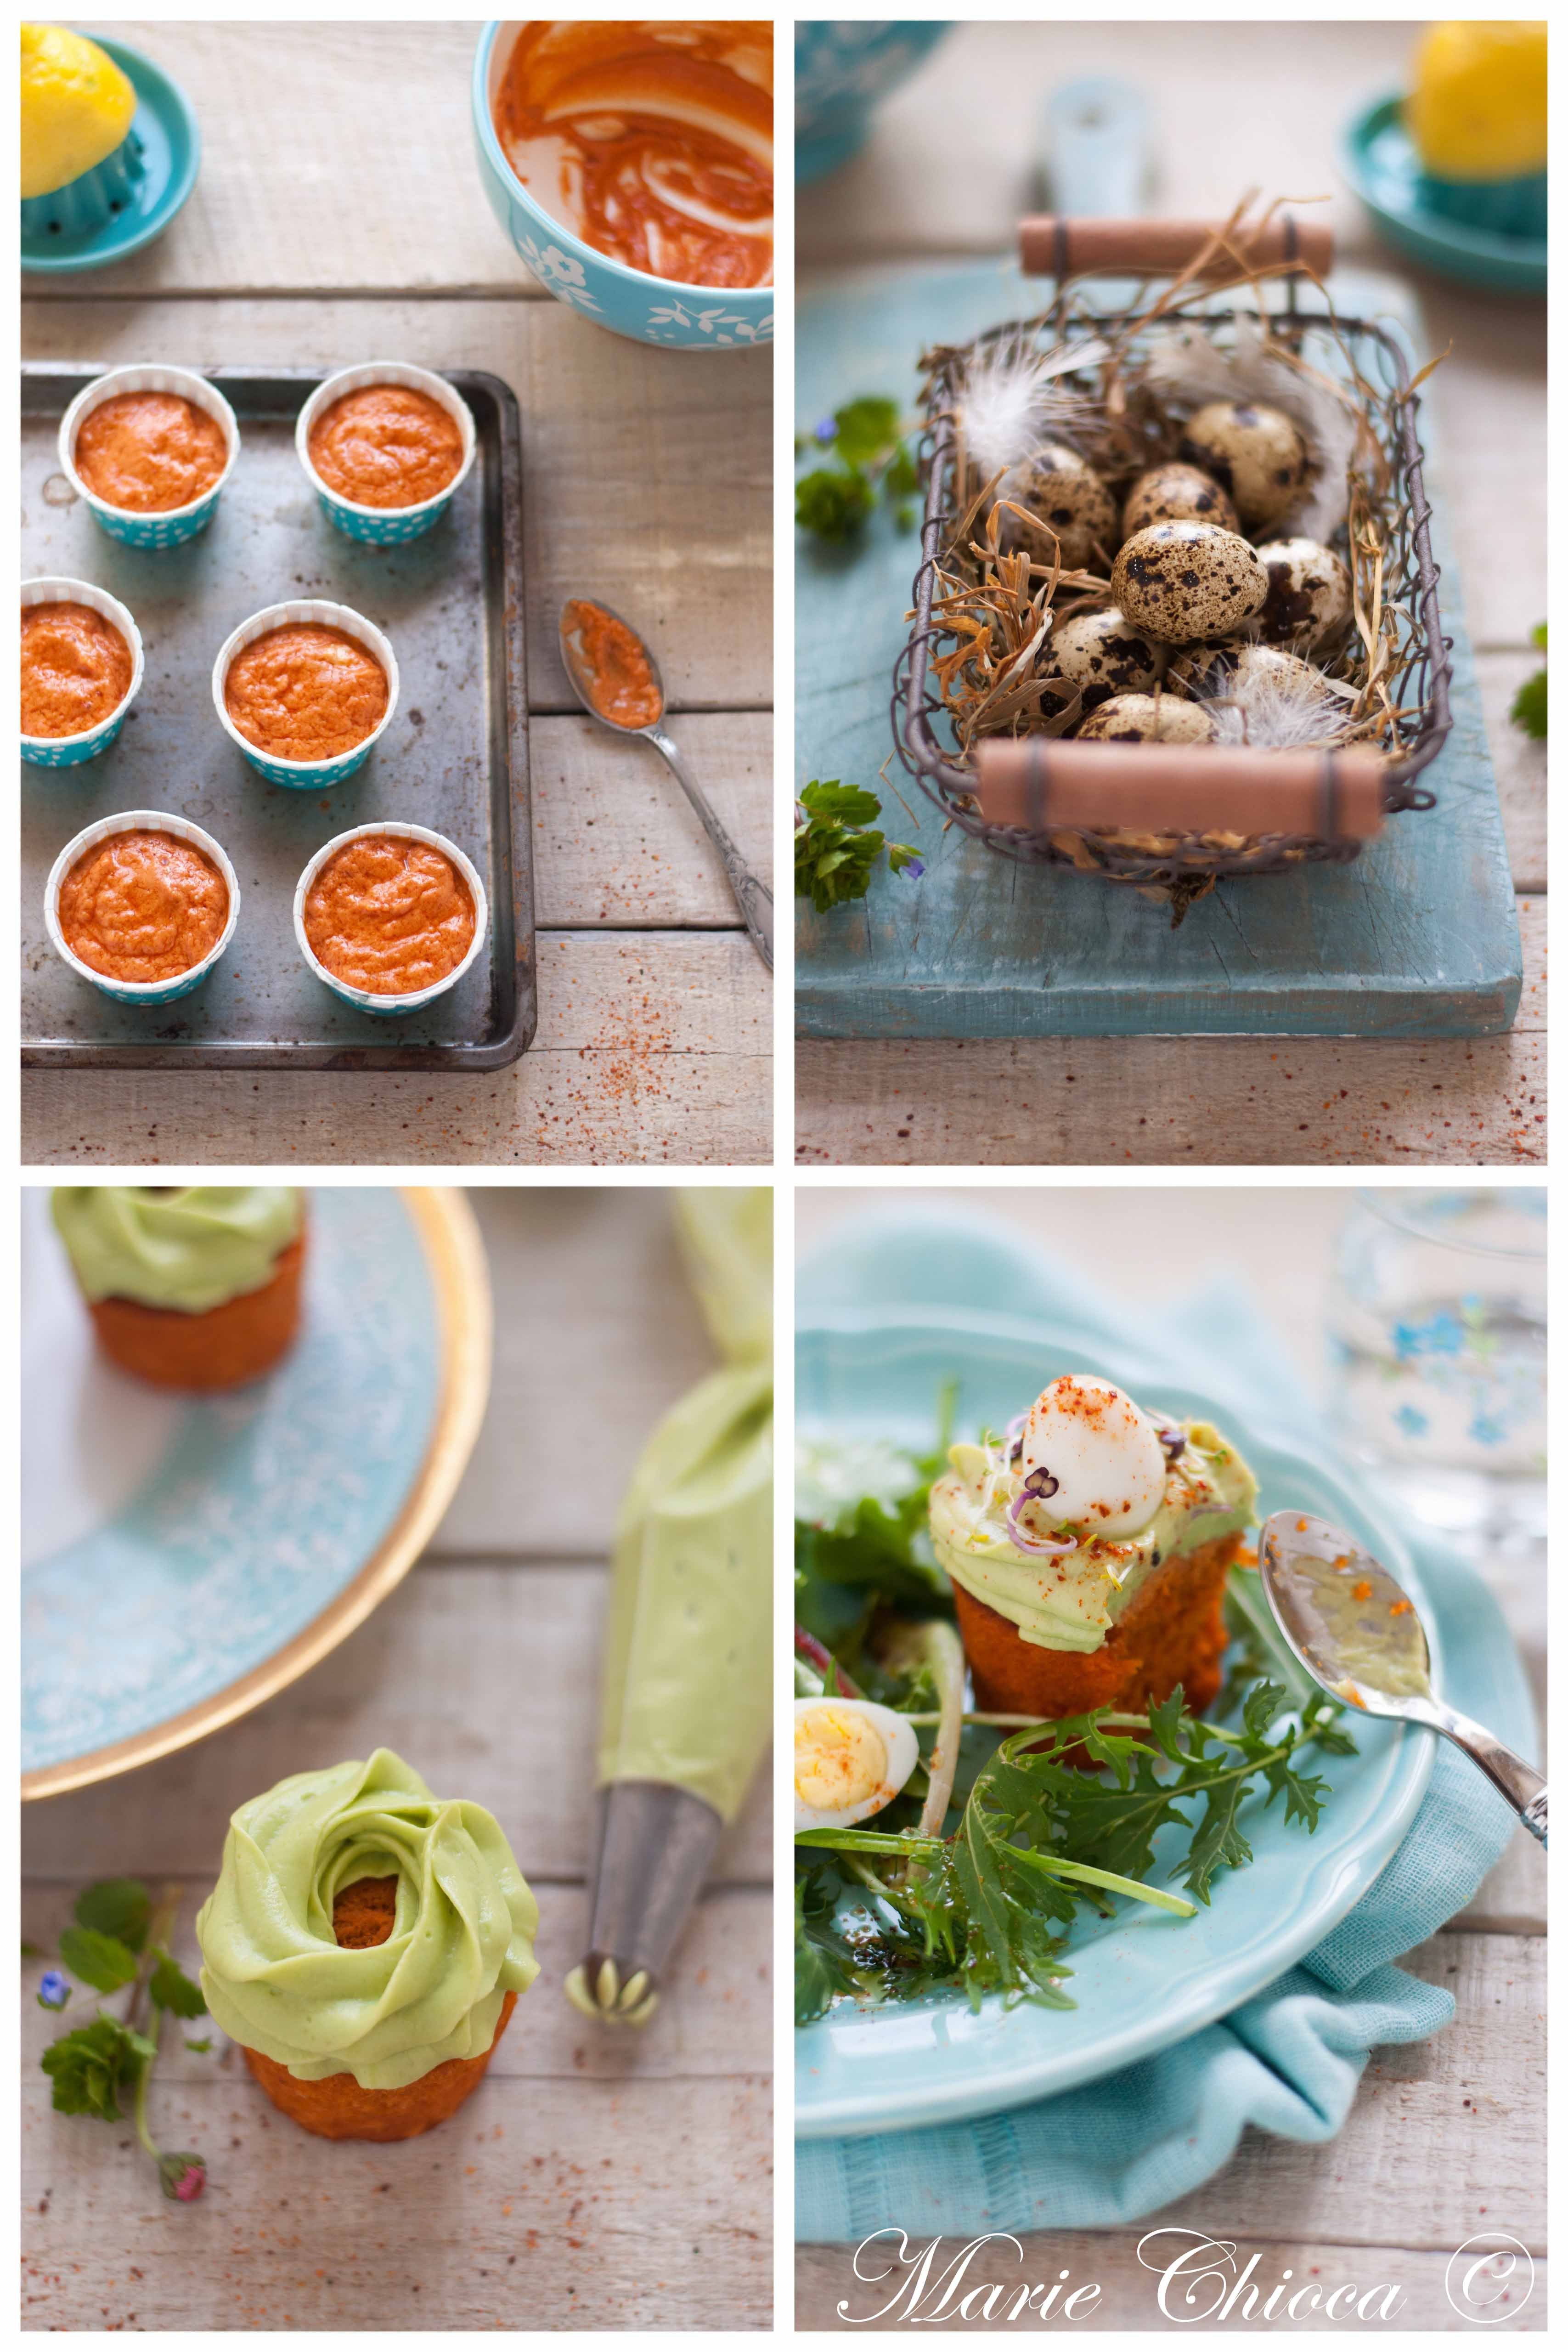 Nid-de-paques-au-guacamole-montage-2